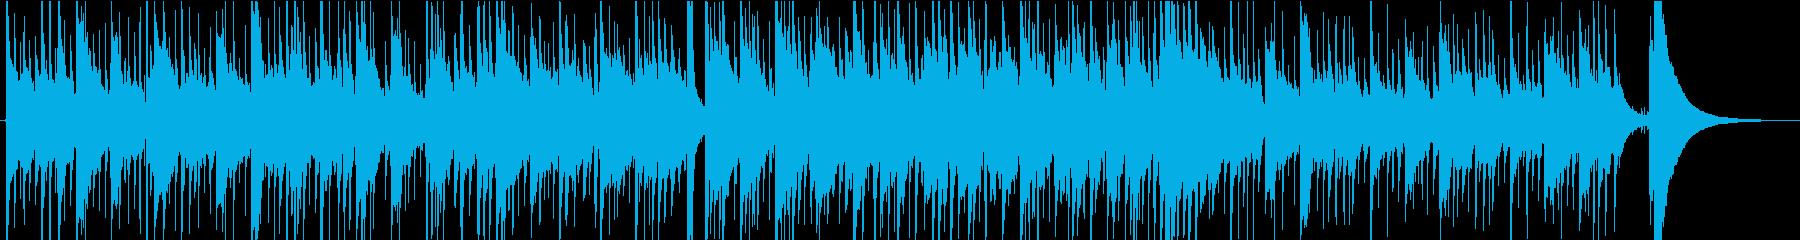 ピアノとギターの切ないノスタルジーBGMの再生済みの波形